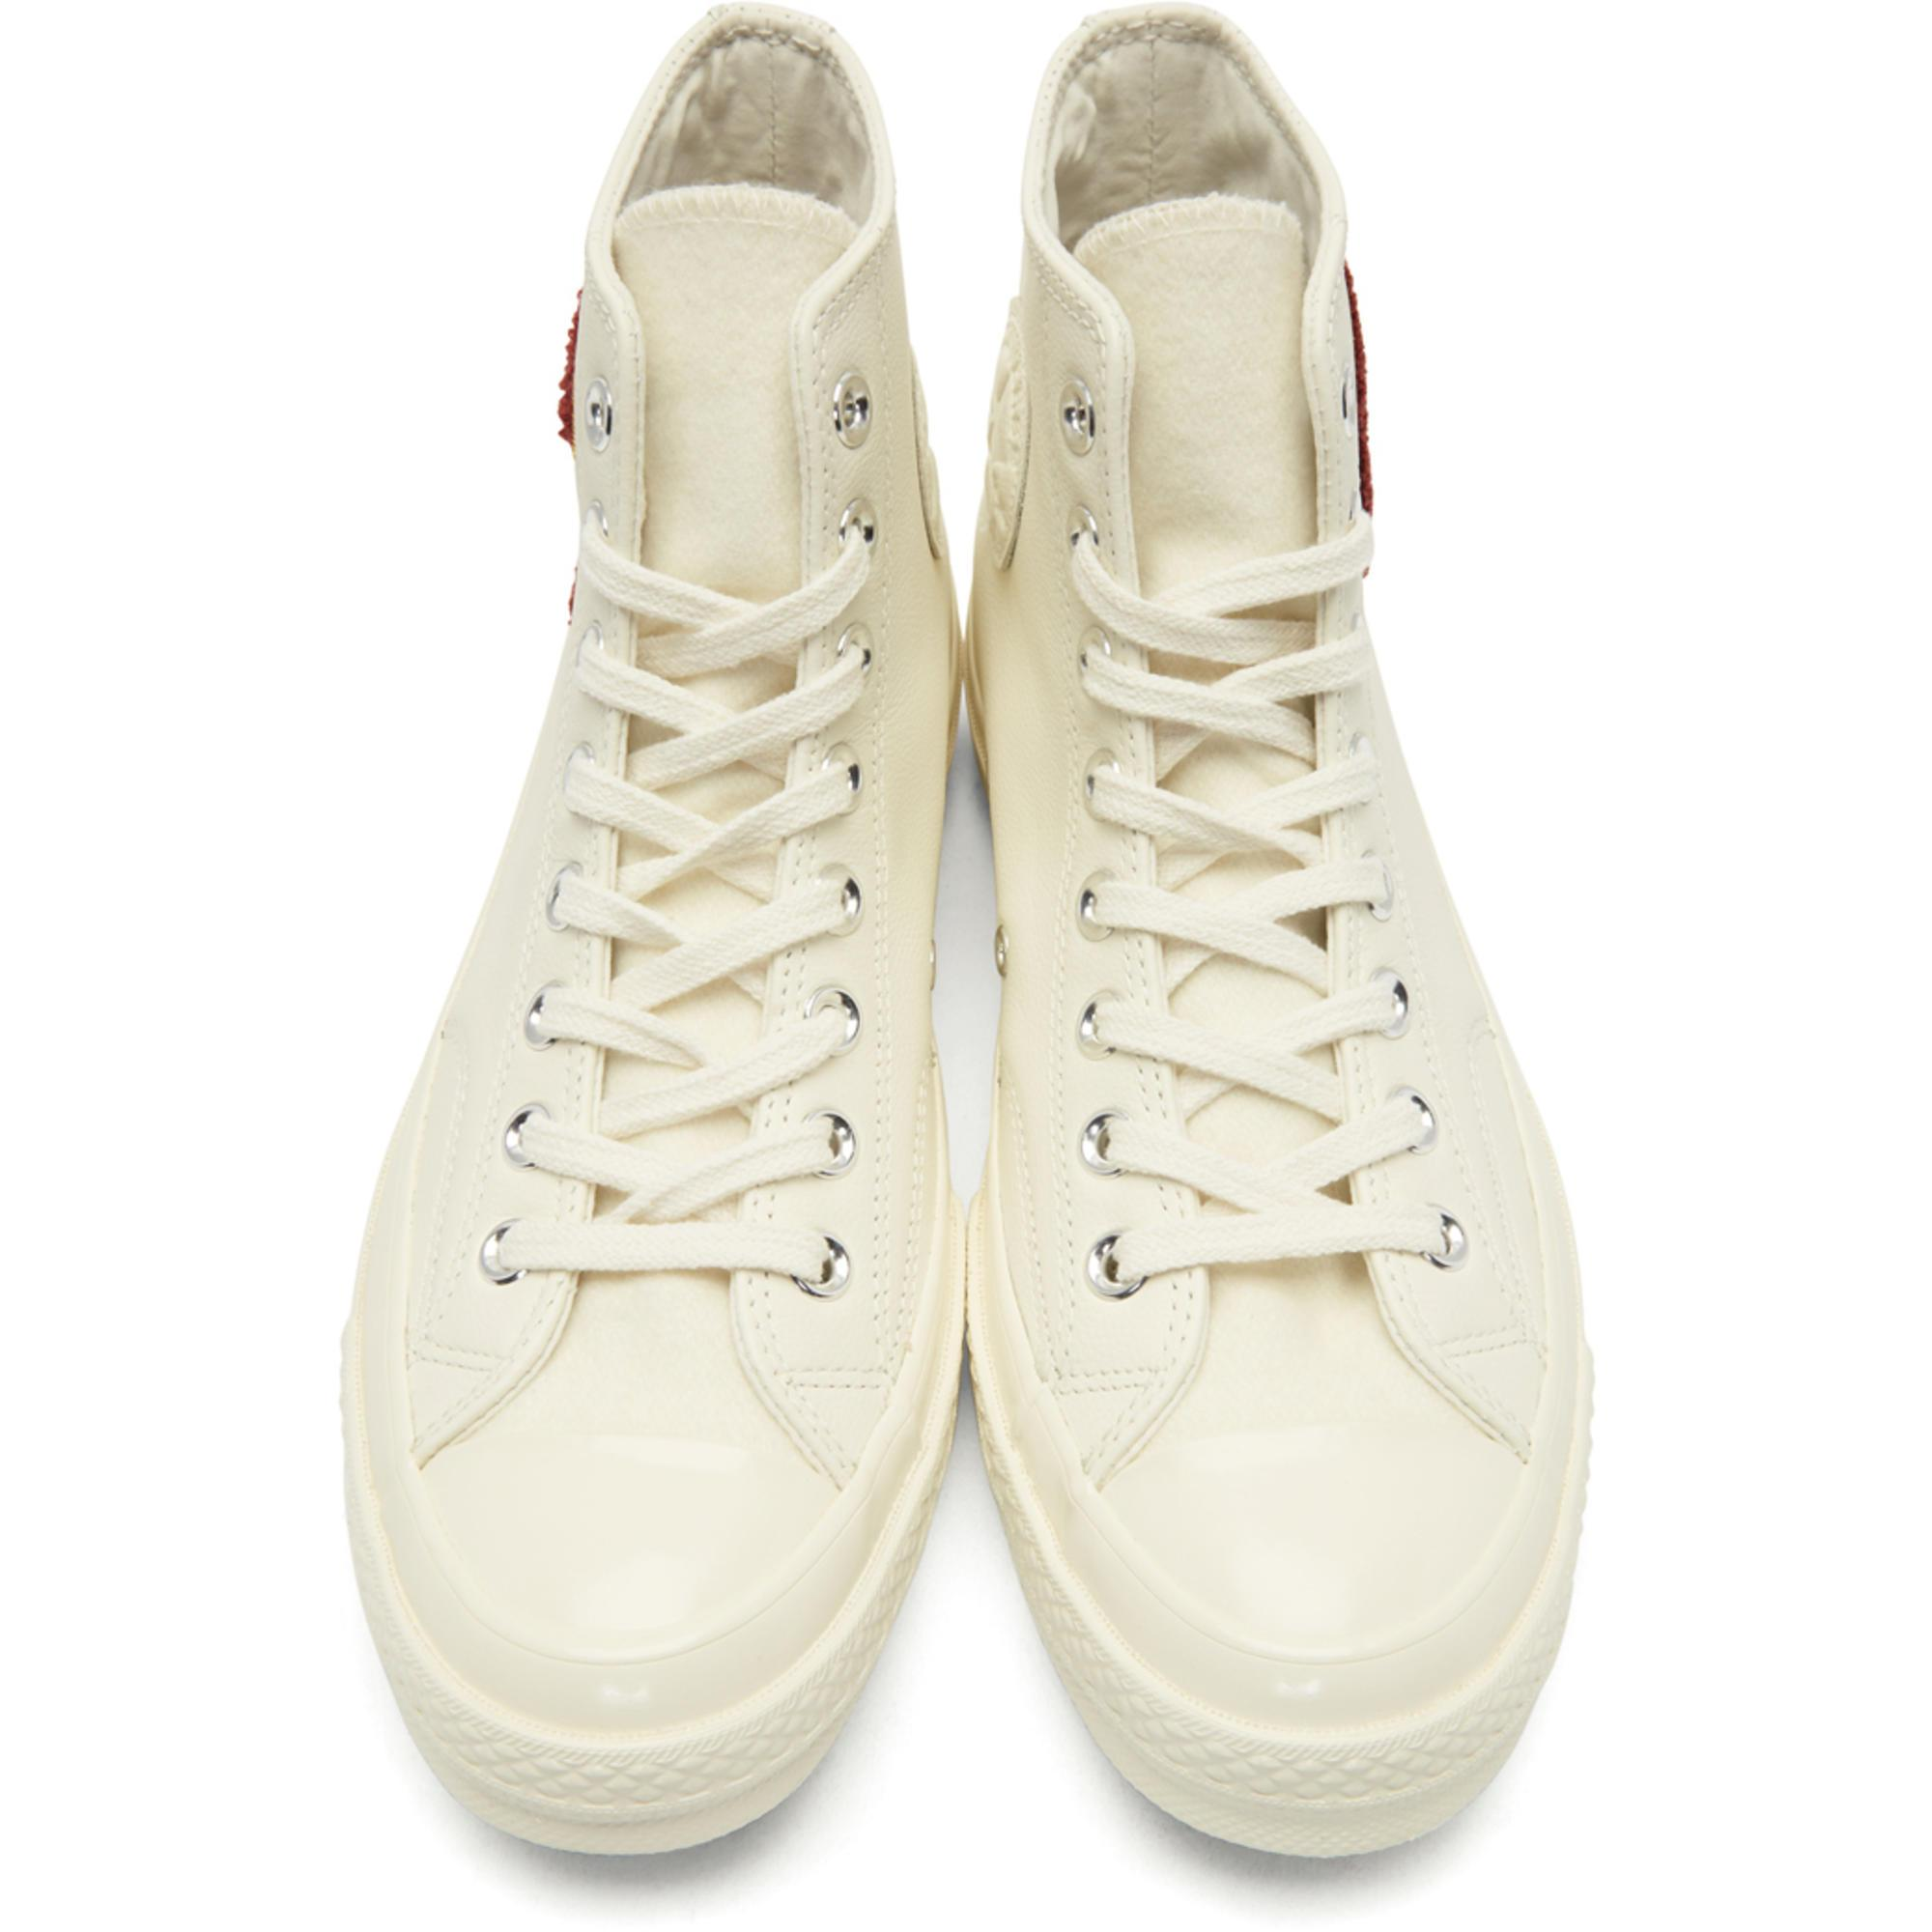 129fa60ffe0c Lyst - Converse White Chuck Taylor All Star 70 Wordmark Wool High ...